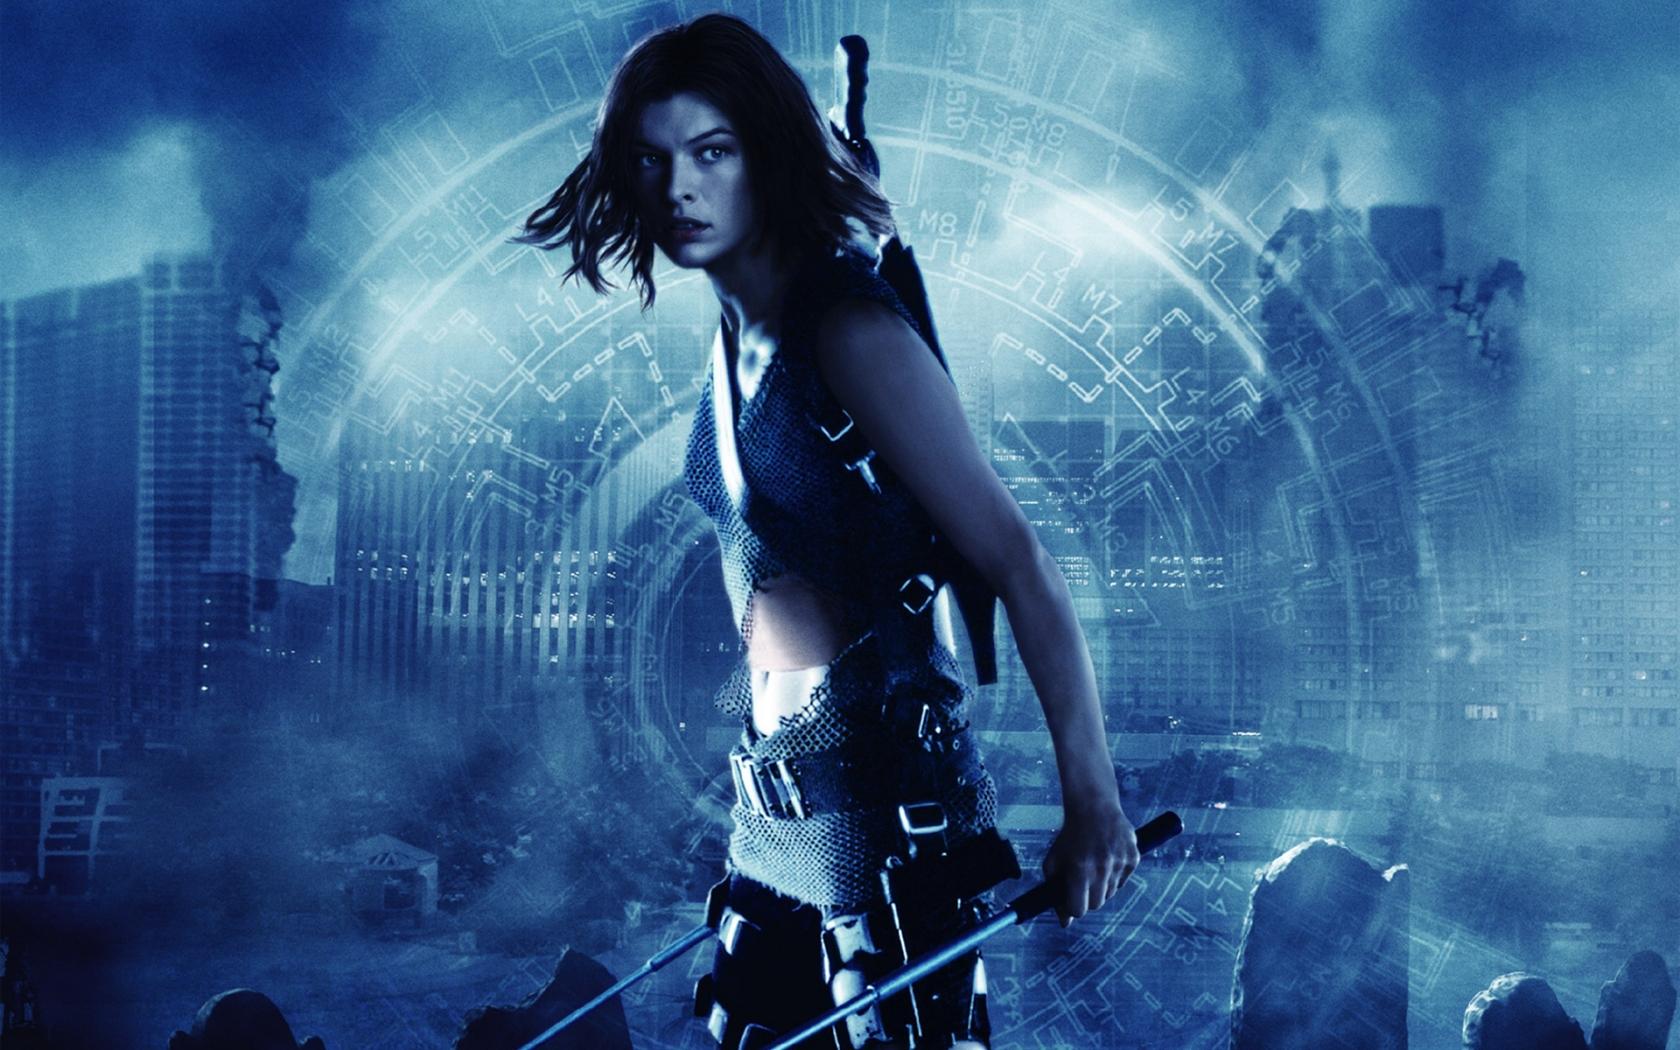 Milla Jovovich Resident Evil 6 Hd Wallpaper Wallpaperfx